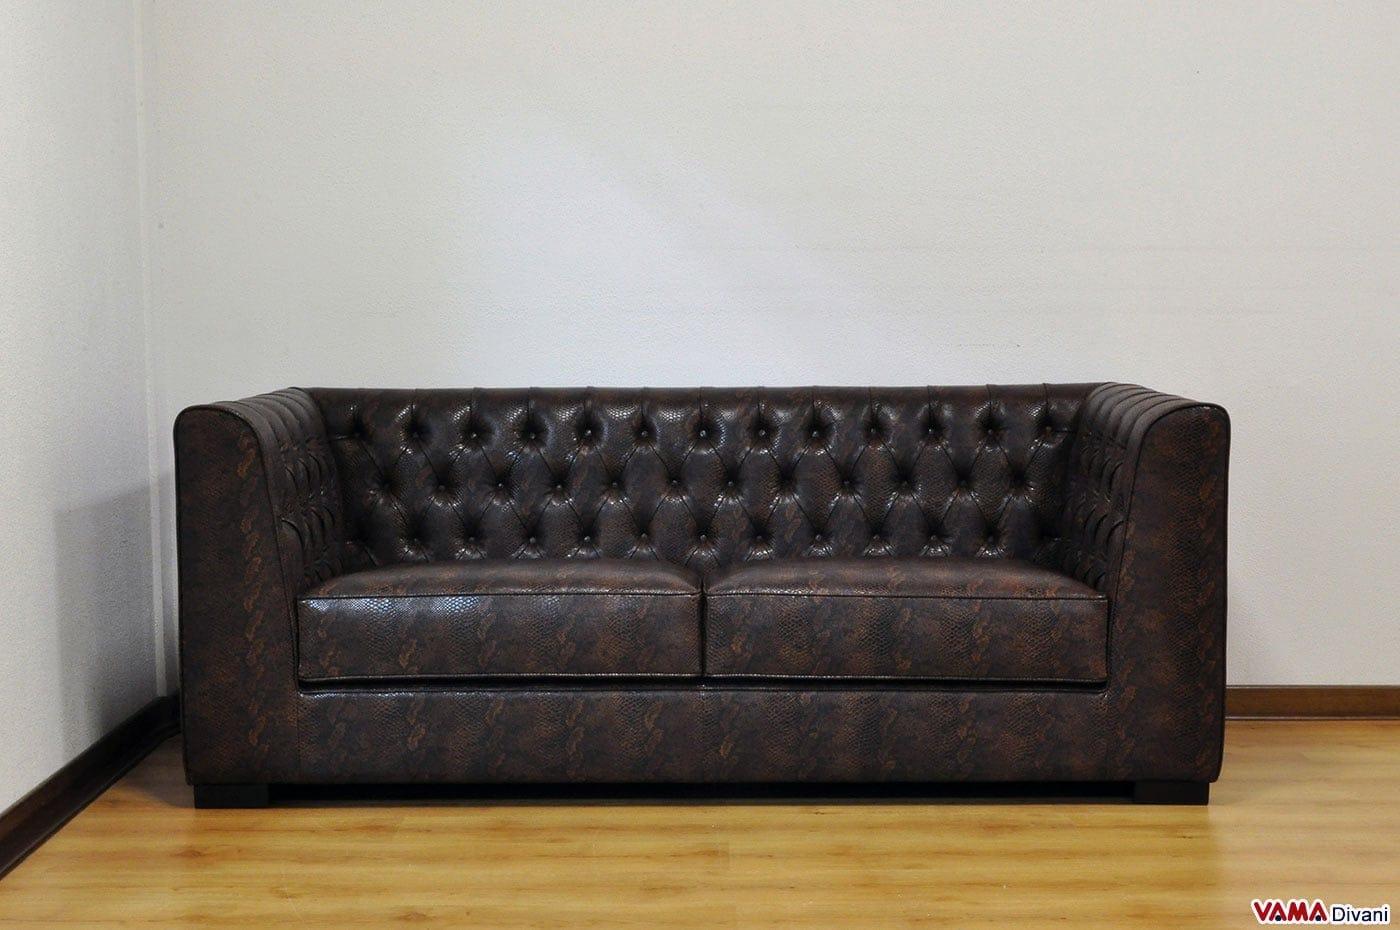 Divani su misura realizziamo la tua idea vama divani for Divano disegno